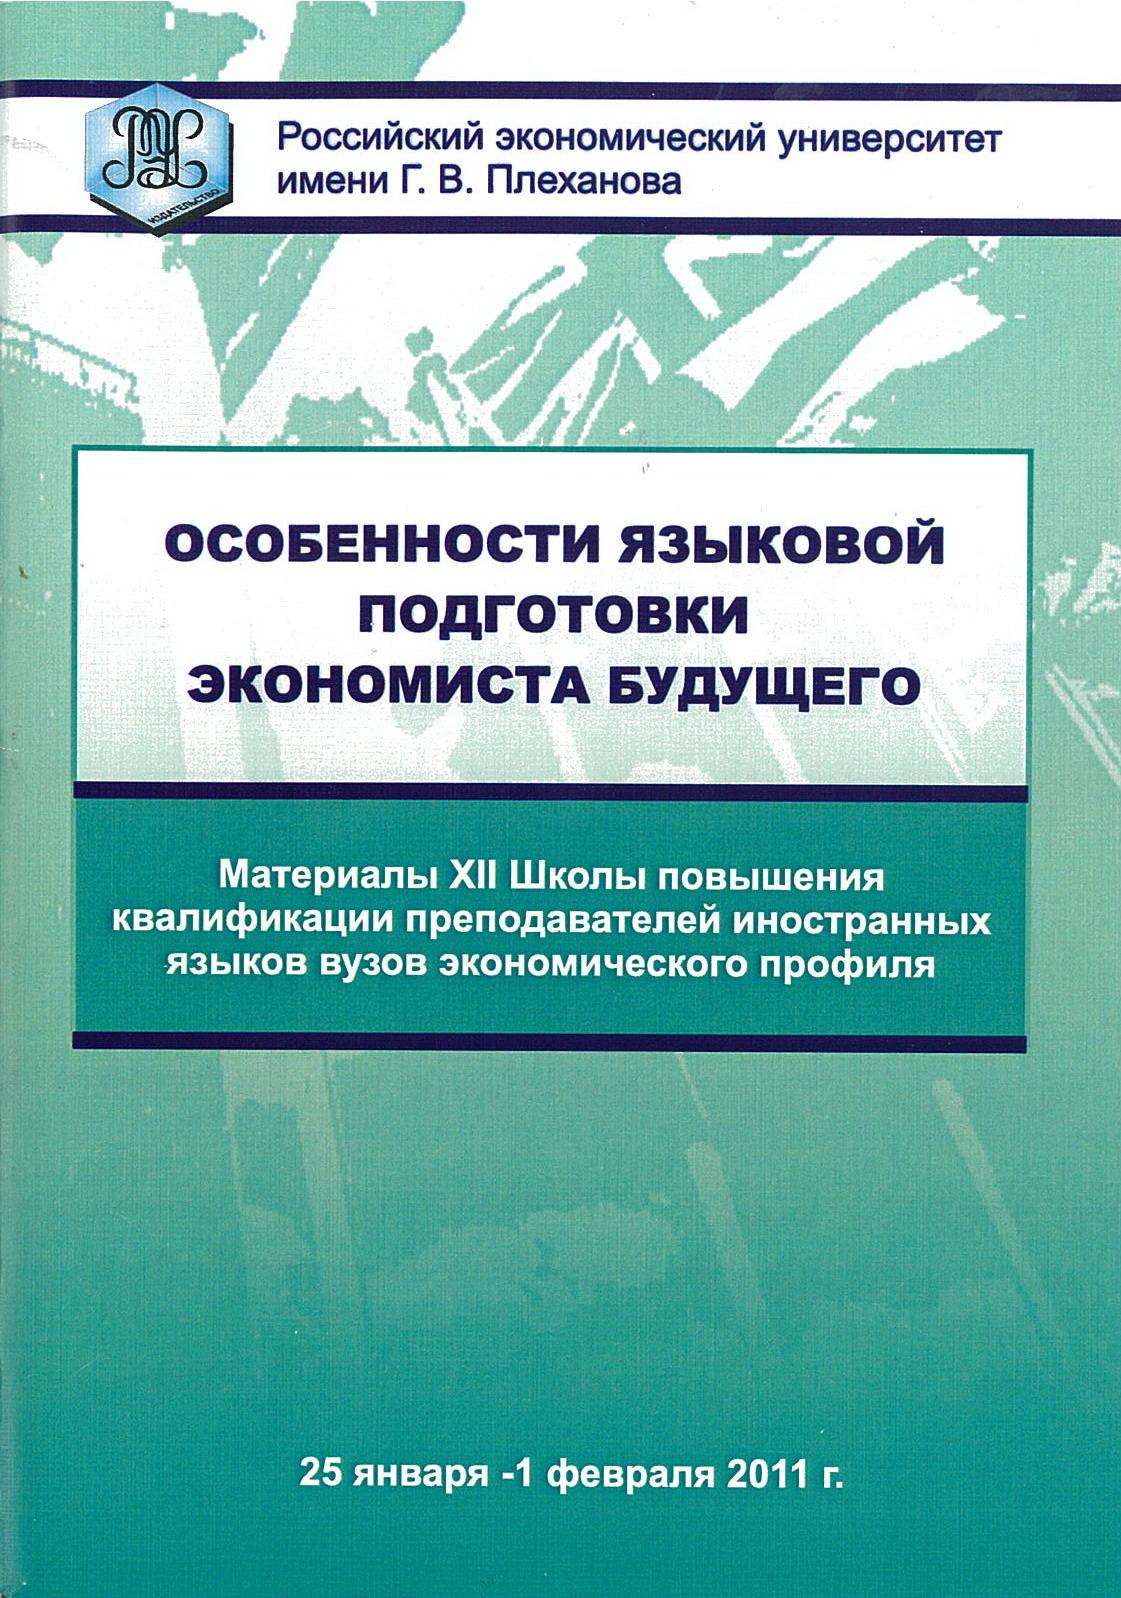 Языковая подготовка студентов экономических вузов и формирование социокультурной компетенции